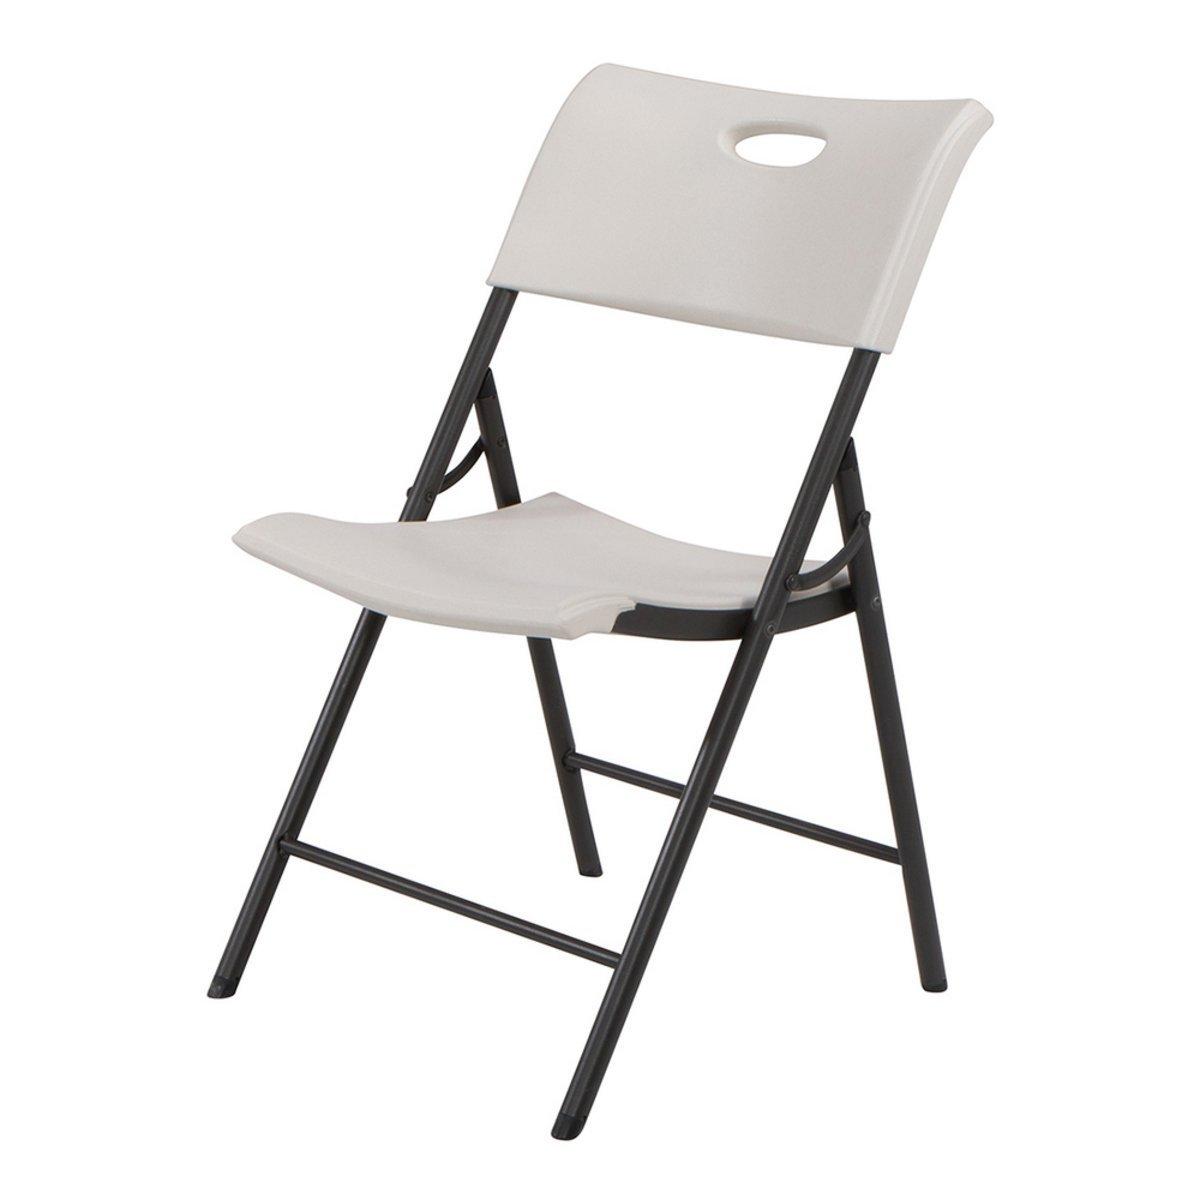 Lifetime 塑膠折疊椅 #80681 / 2入